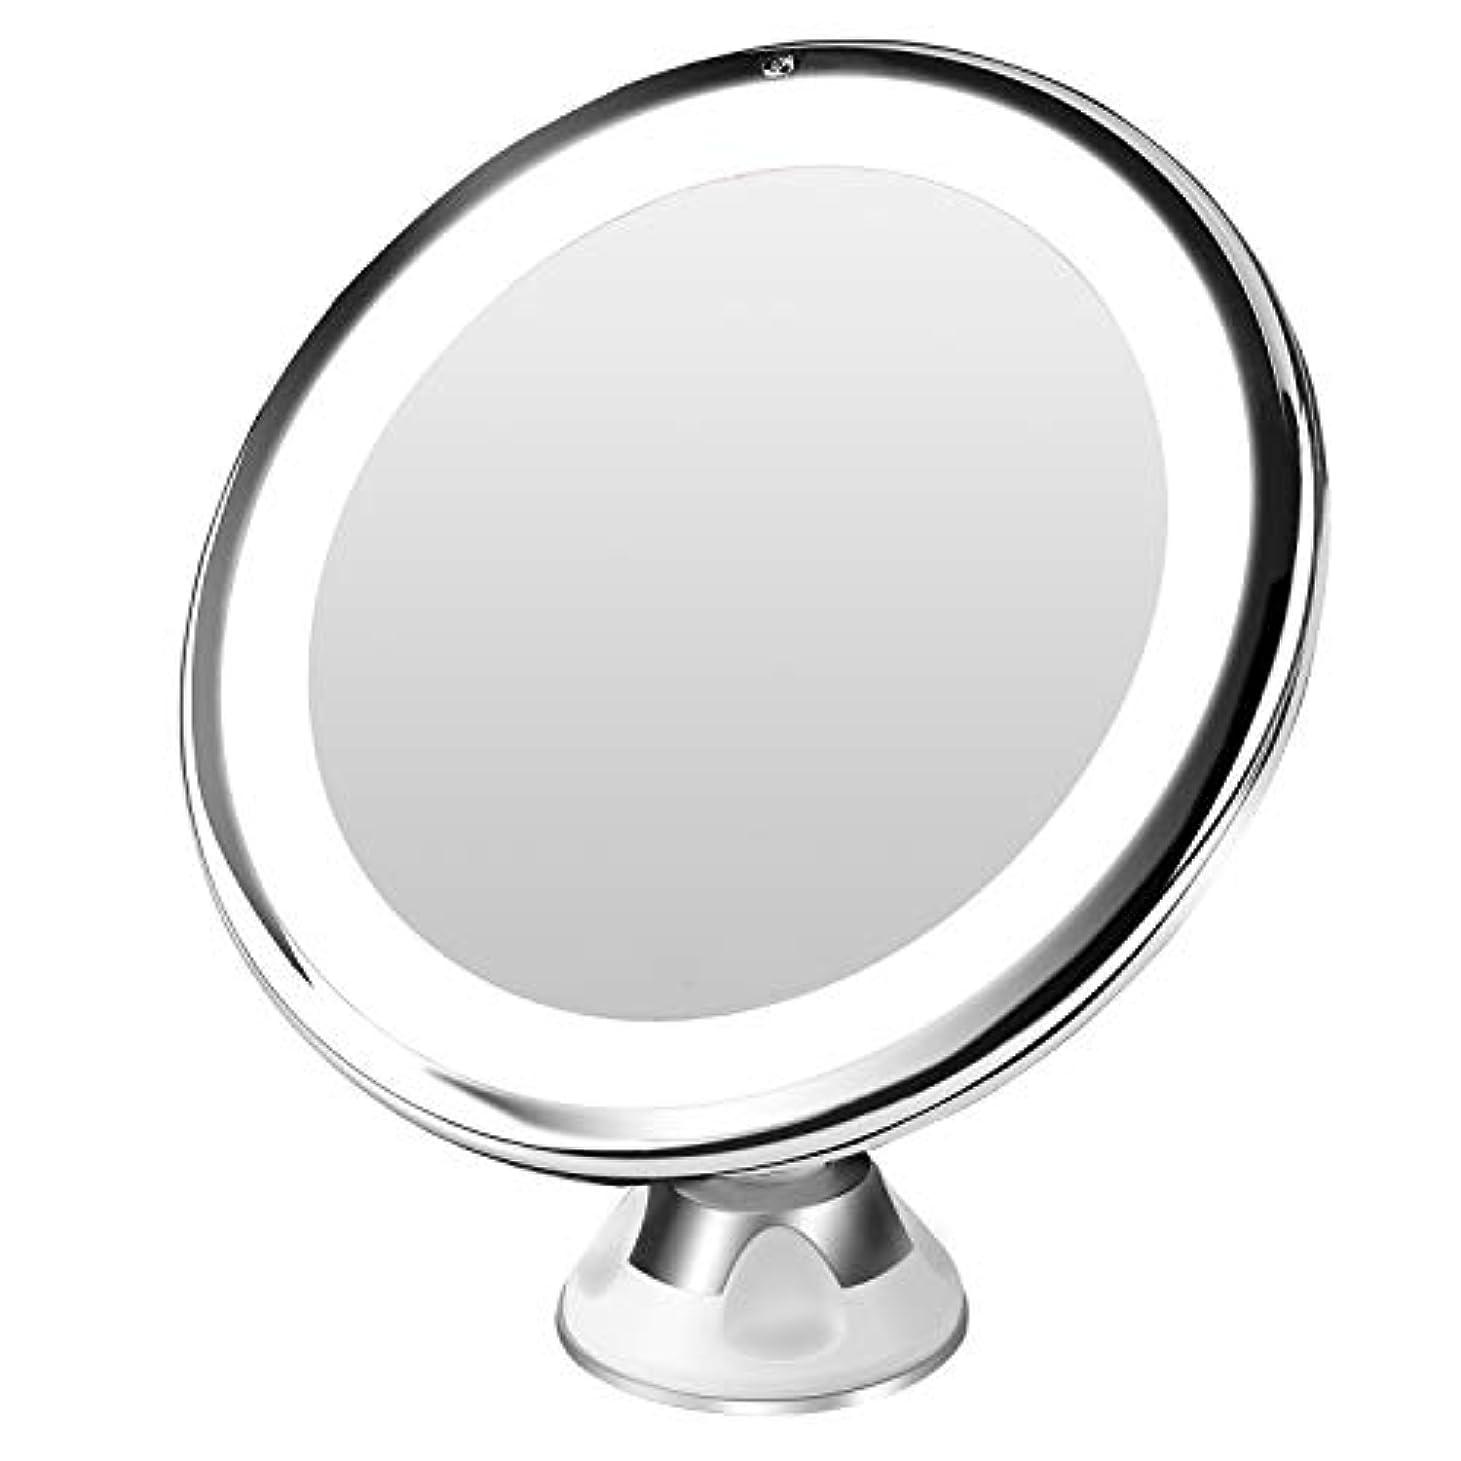 メロディアス開業医サイトラインBESTOPE 10倍拡大鏡 LED化粧鏡 浴室鏡 卓上鏡 曇らないミラー 吸盤ロック付きLEDミラー 壁掛けメイクミラー 360度回転スタンドミラー 単四電池&USB給電(改良版)